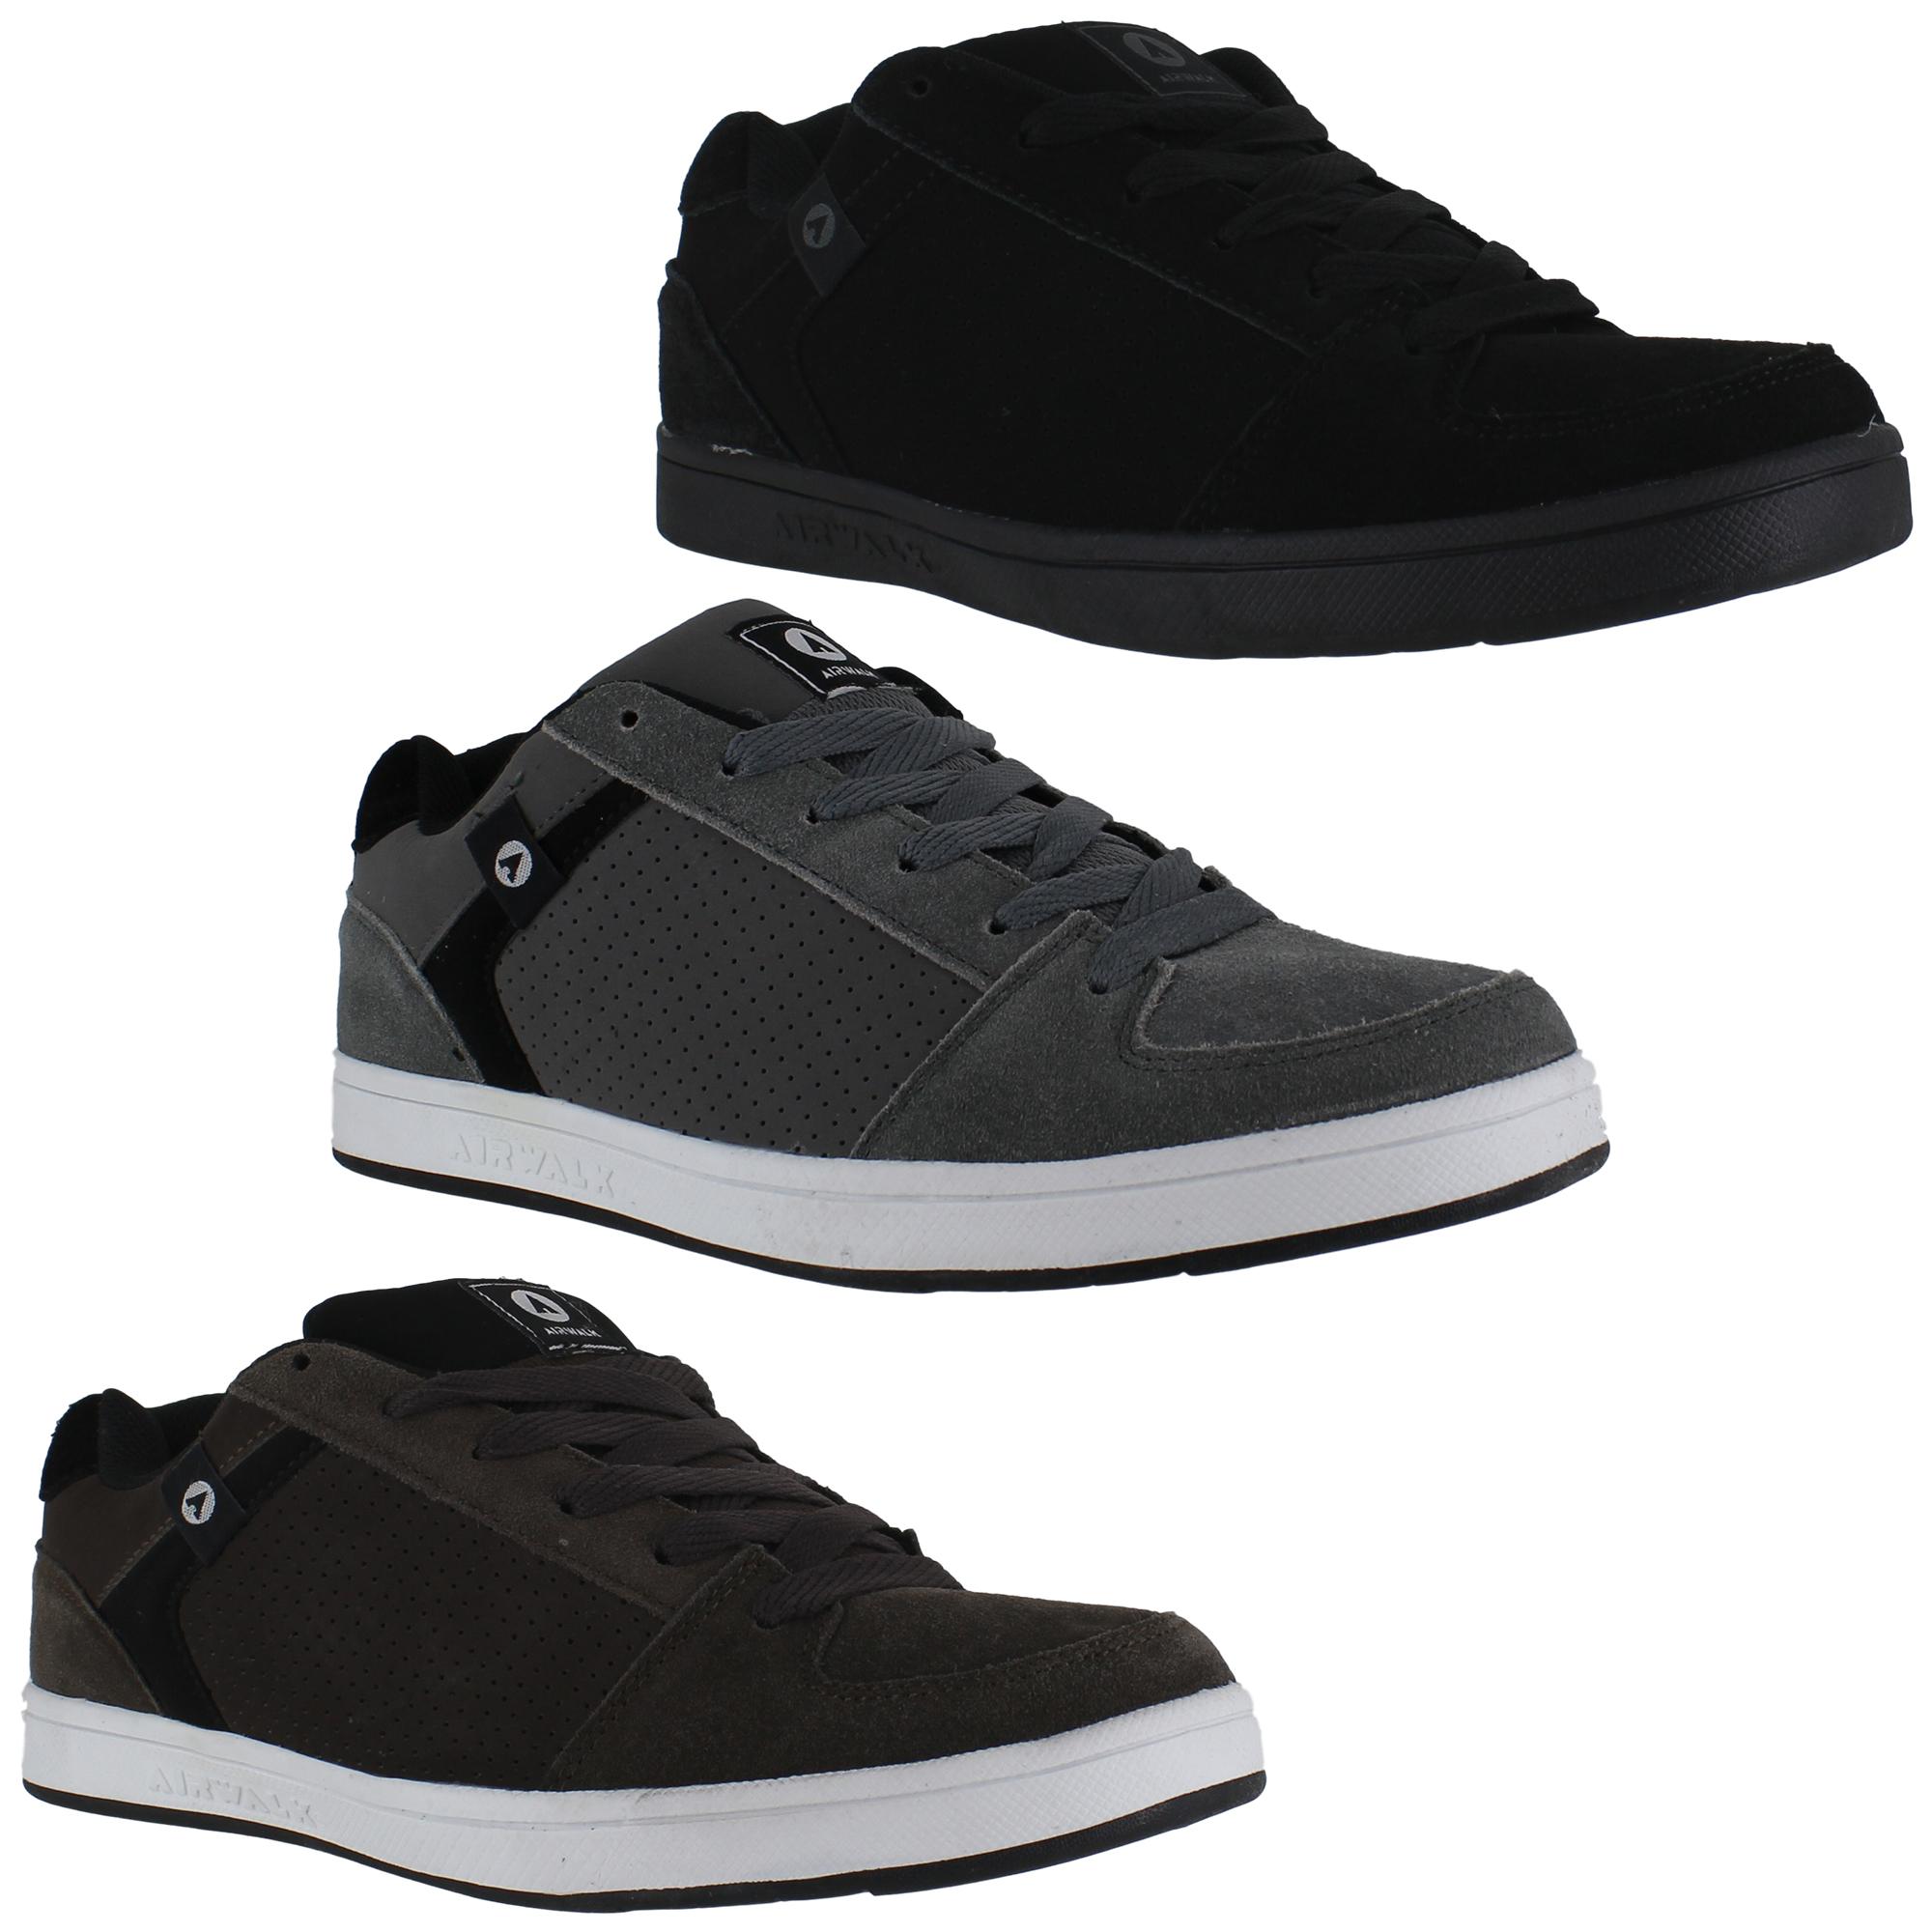 Airwalk Mens Slip On Shoes